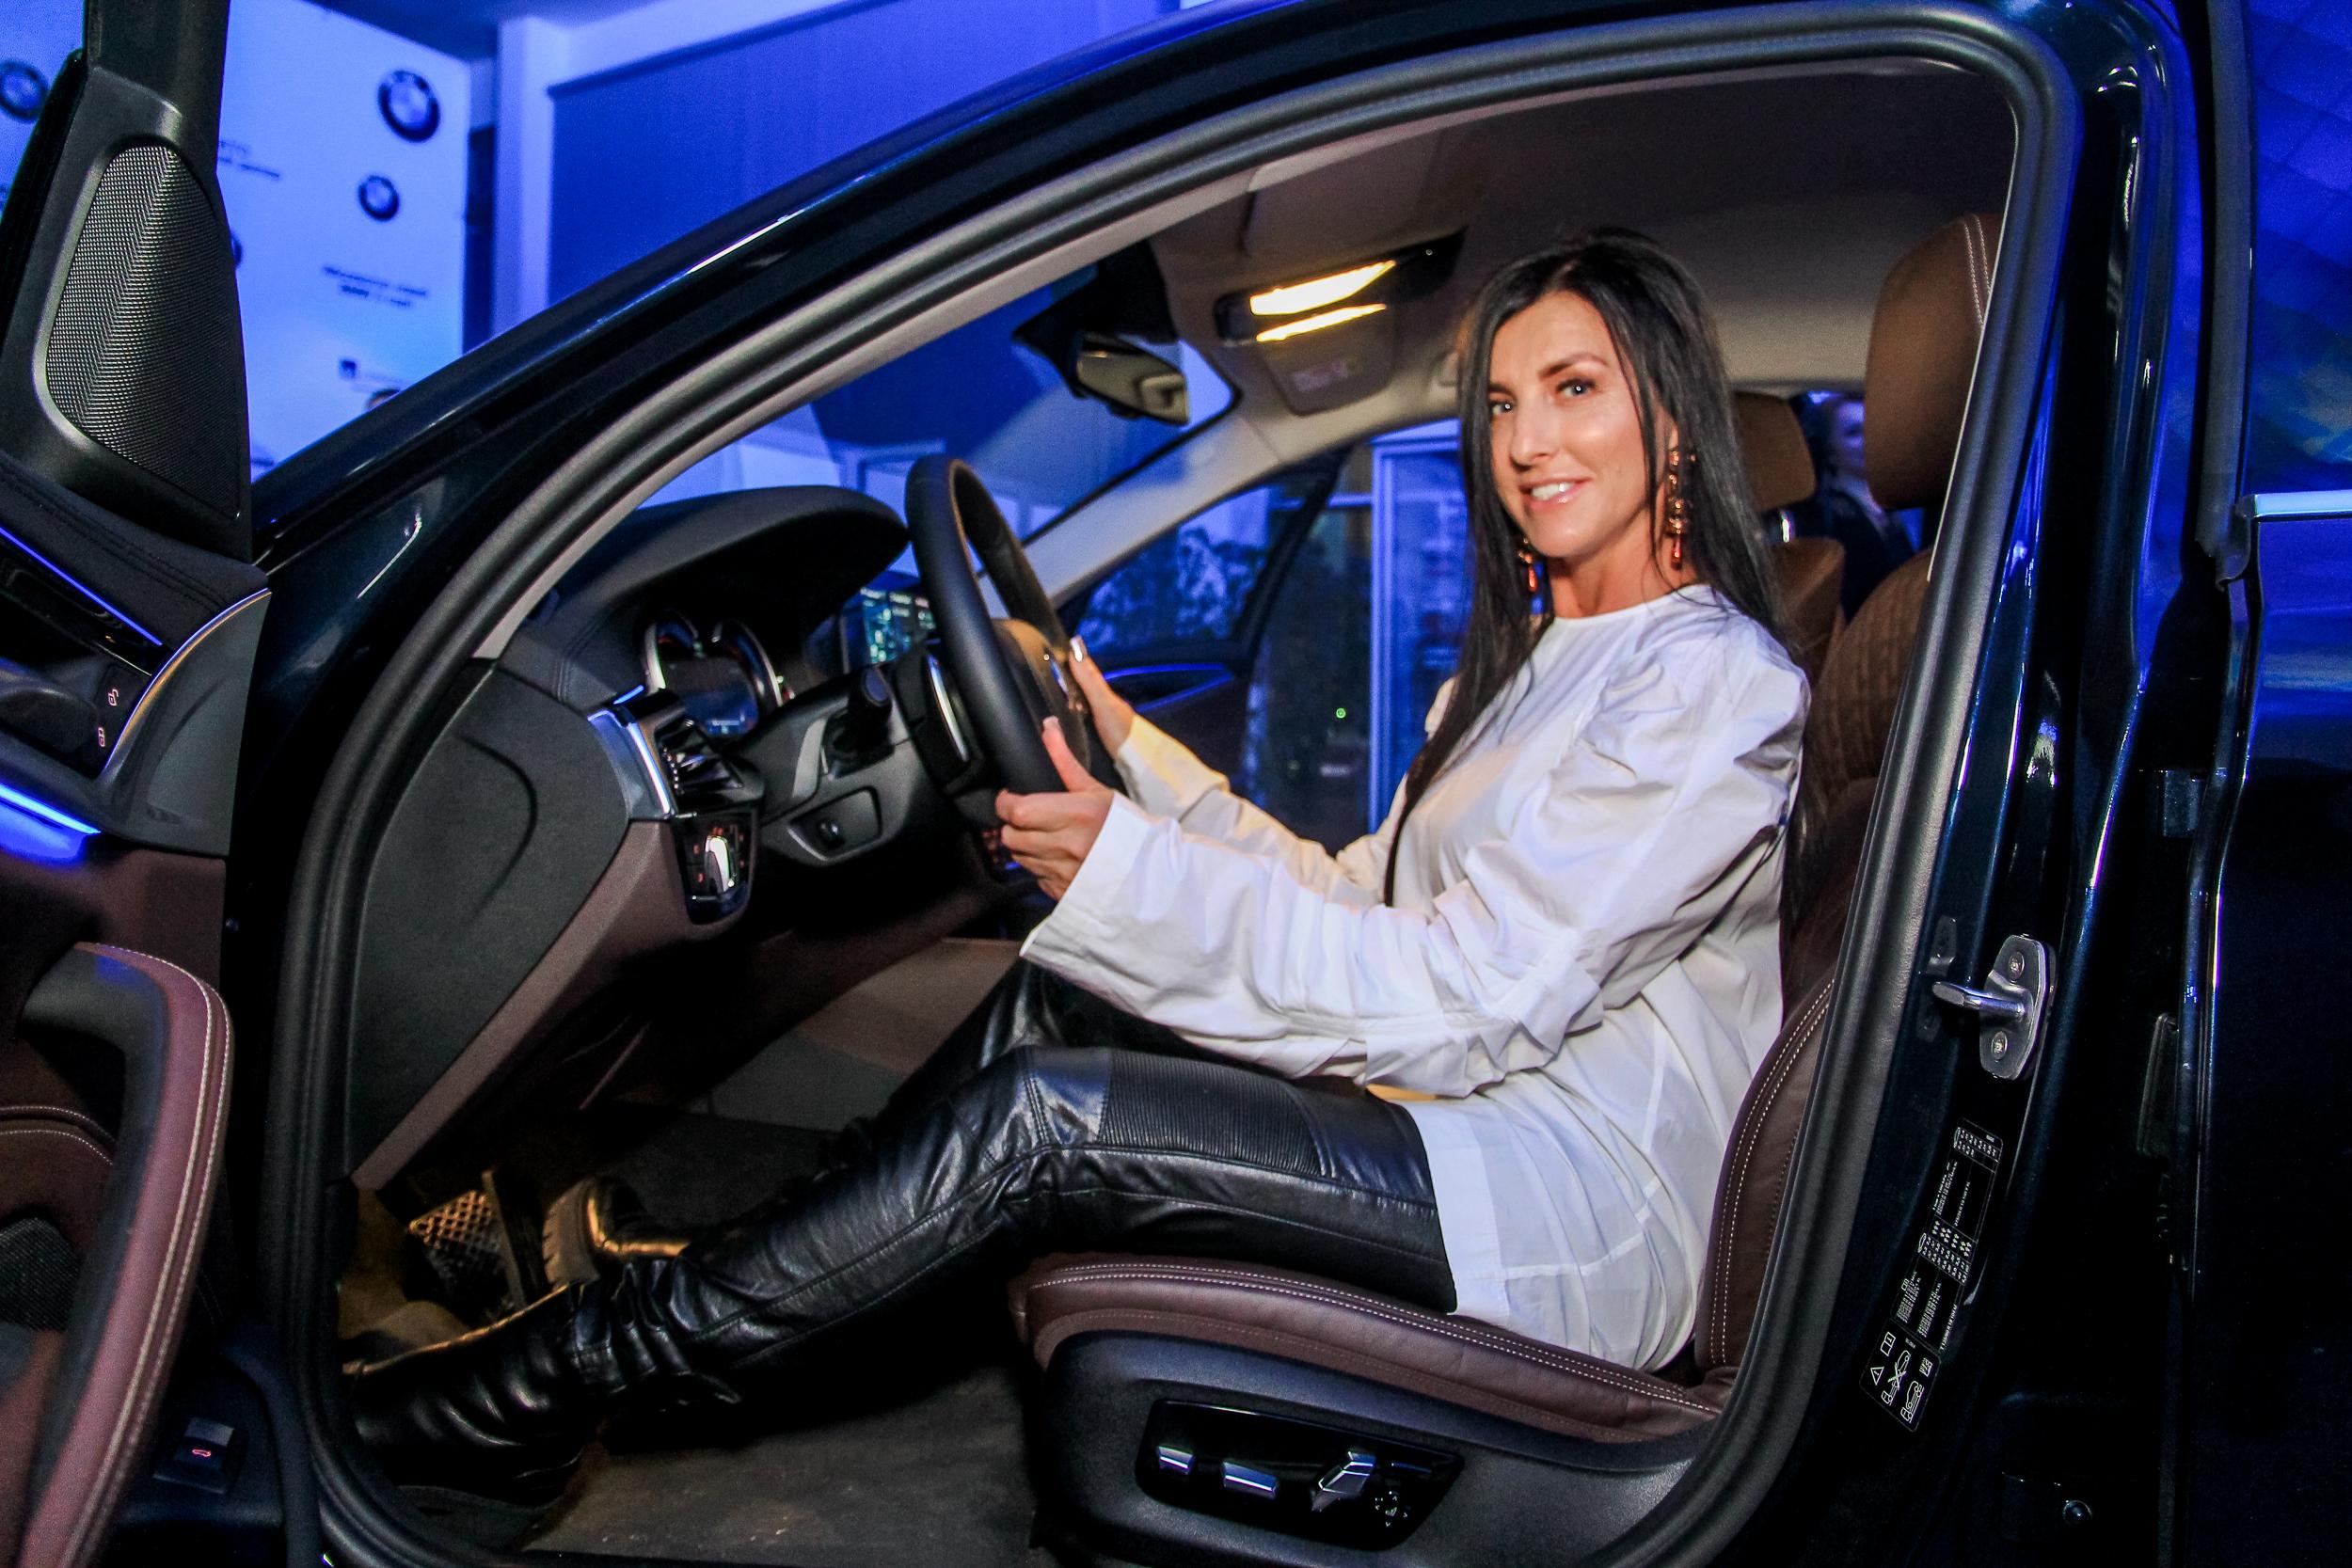 Очаровательная гостья презентации BMW за рулем автомобиля